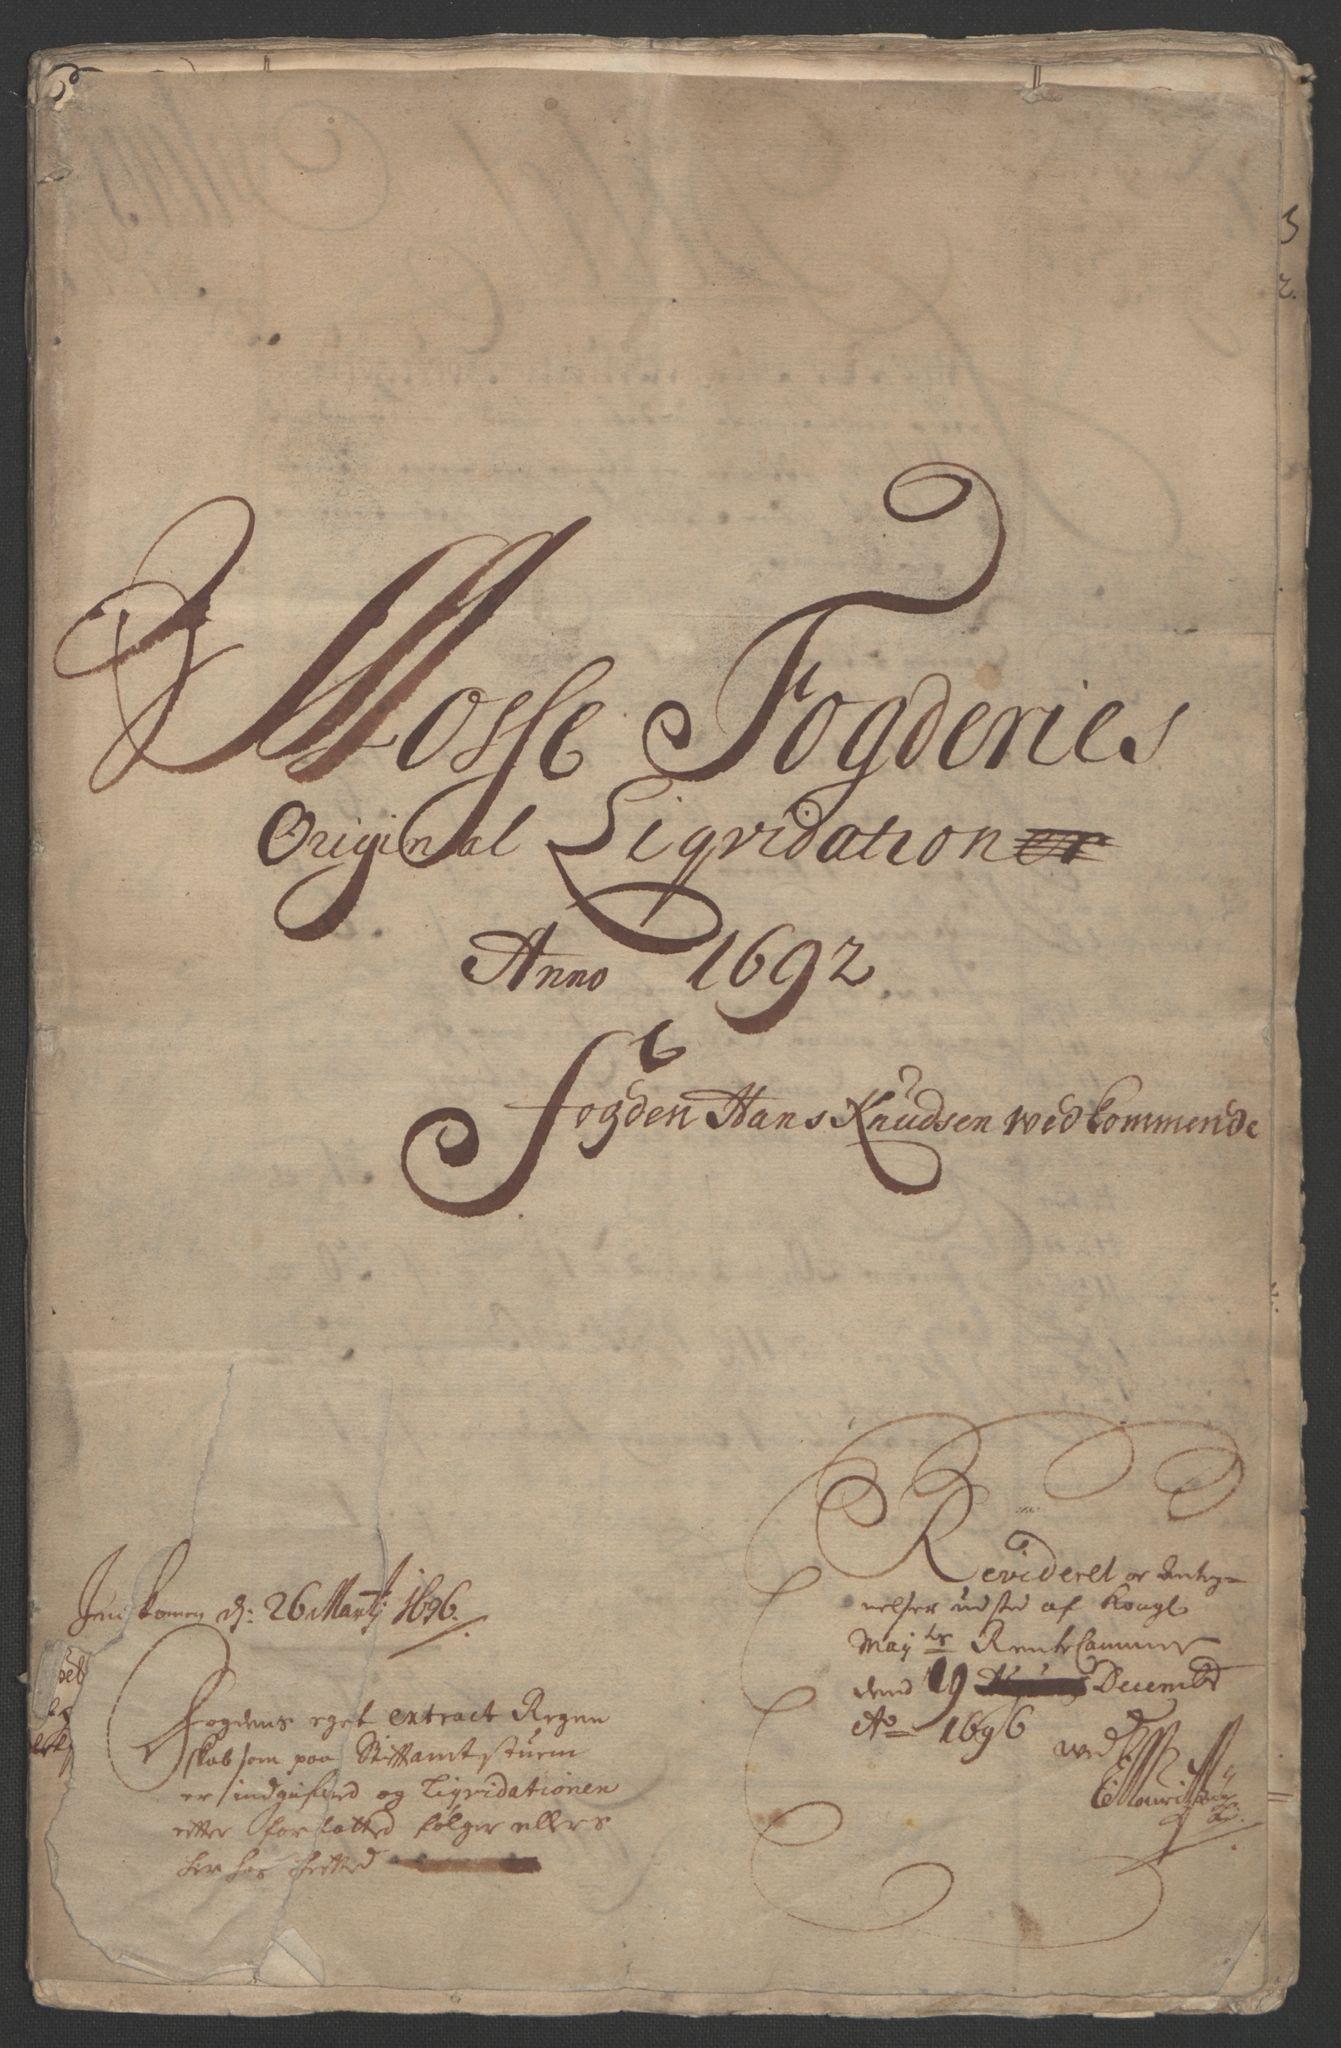 RA, Rentekammeret inntil 1814, Reviderte regnskaper, Fogderegnskap, R02/L0108: Fogderegnskap Moss og Verne kloster, 1692-1693, p. 2